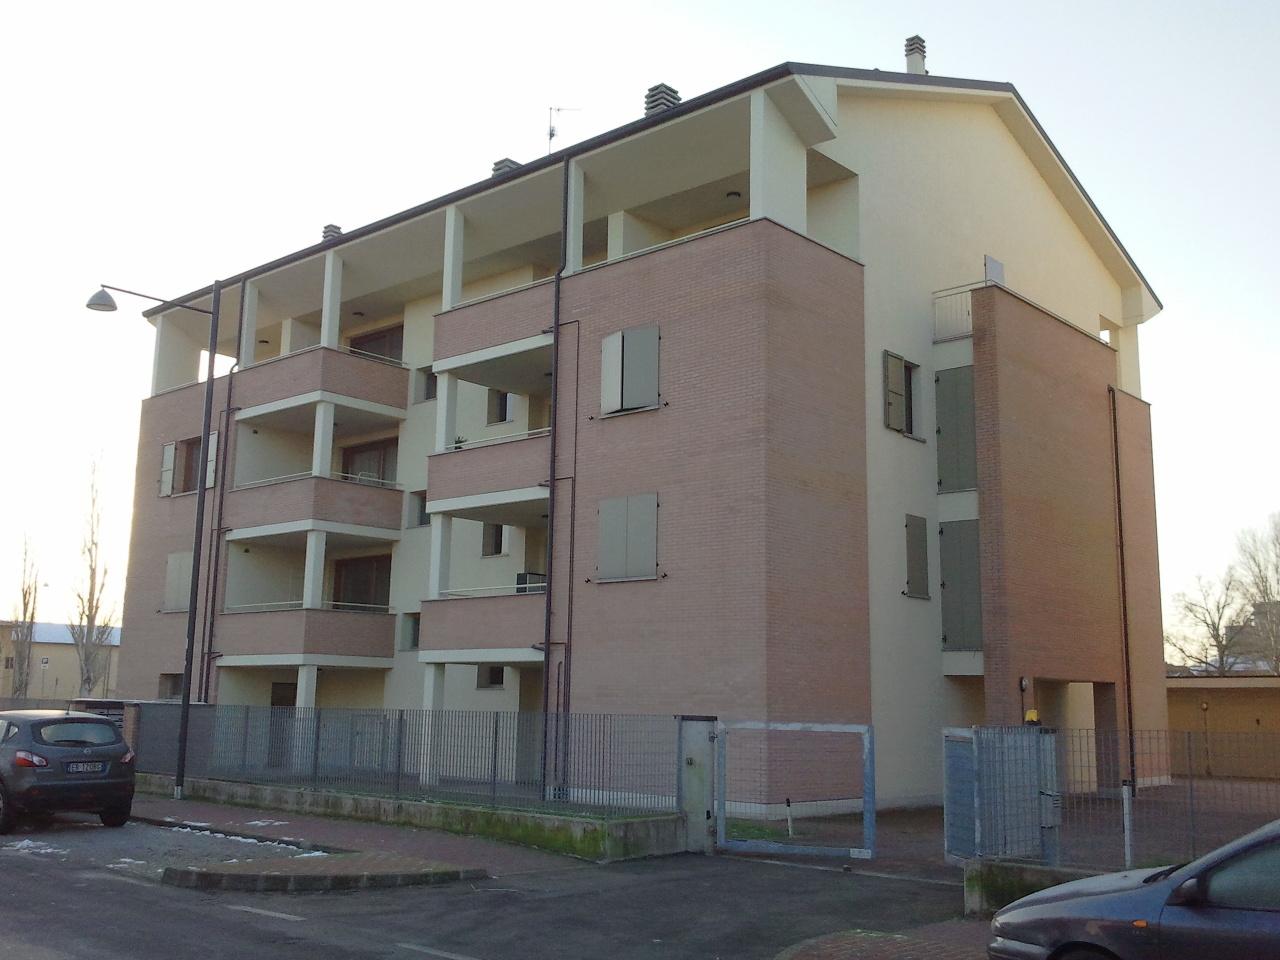 Appartamento in vendita a Sorbolo, 2 locali, prezzo € 117.000 | Cambio Casa.it